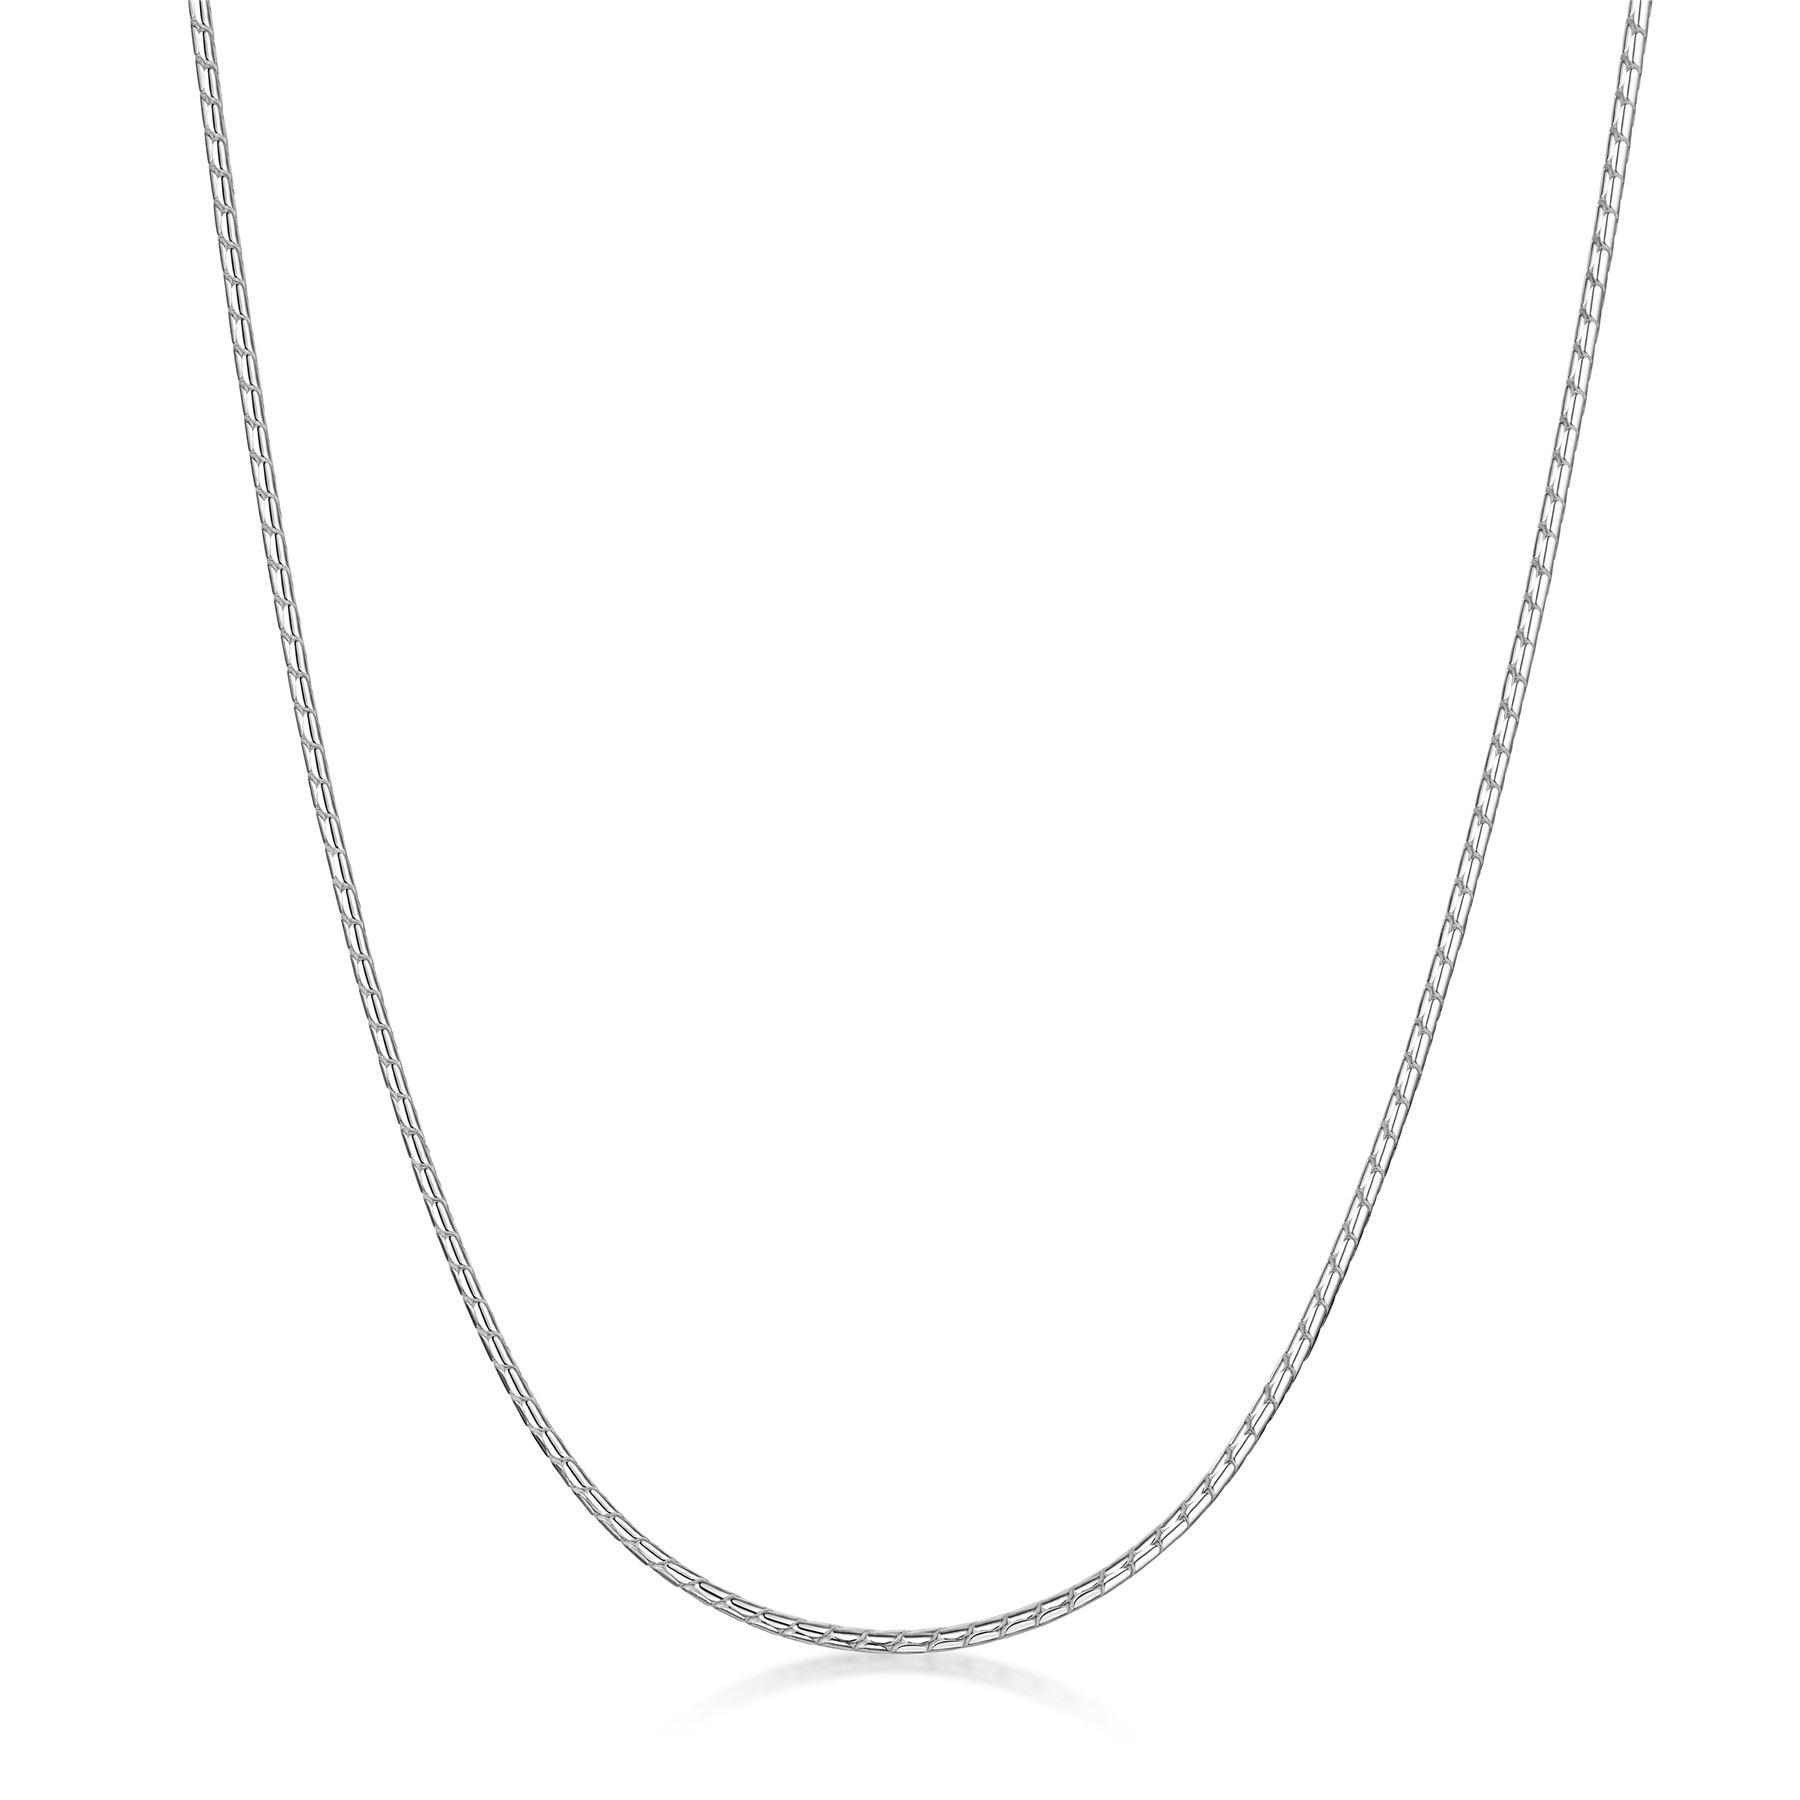 Amberta-Collar-en-Plata-De-Ley-925-Autentica-Cadena-para-Mujer-y-Hombre-Italiana miniatura 9